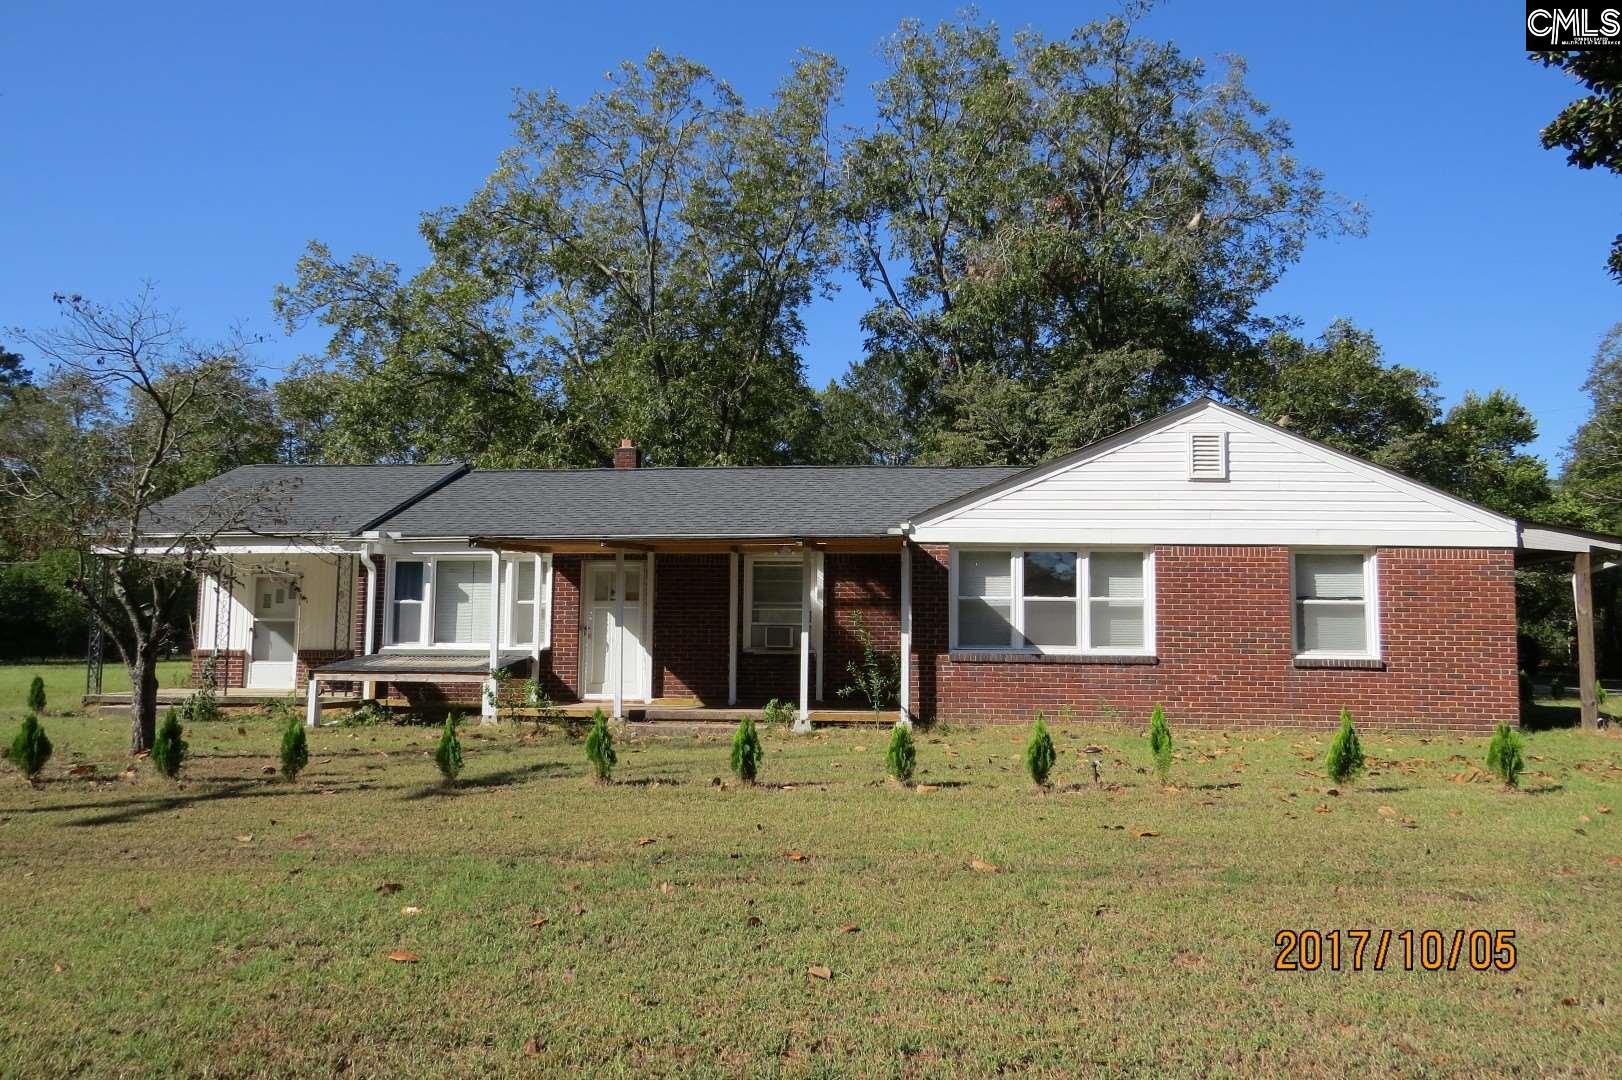 999 Seminole West Columbia, SC 29169